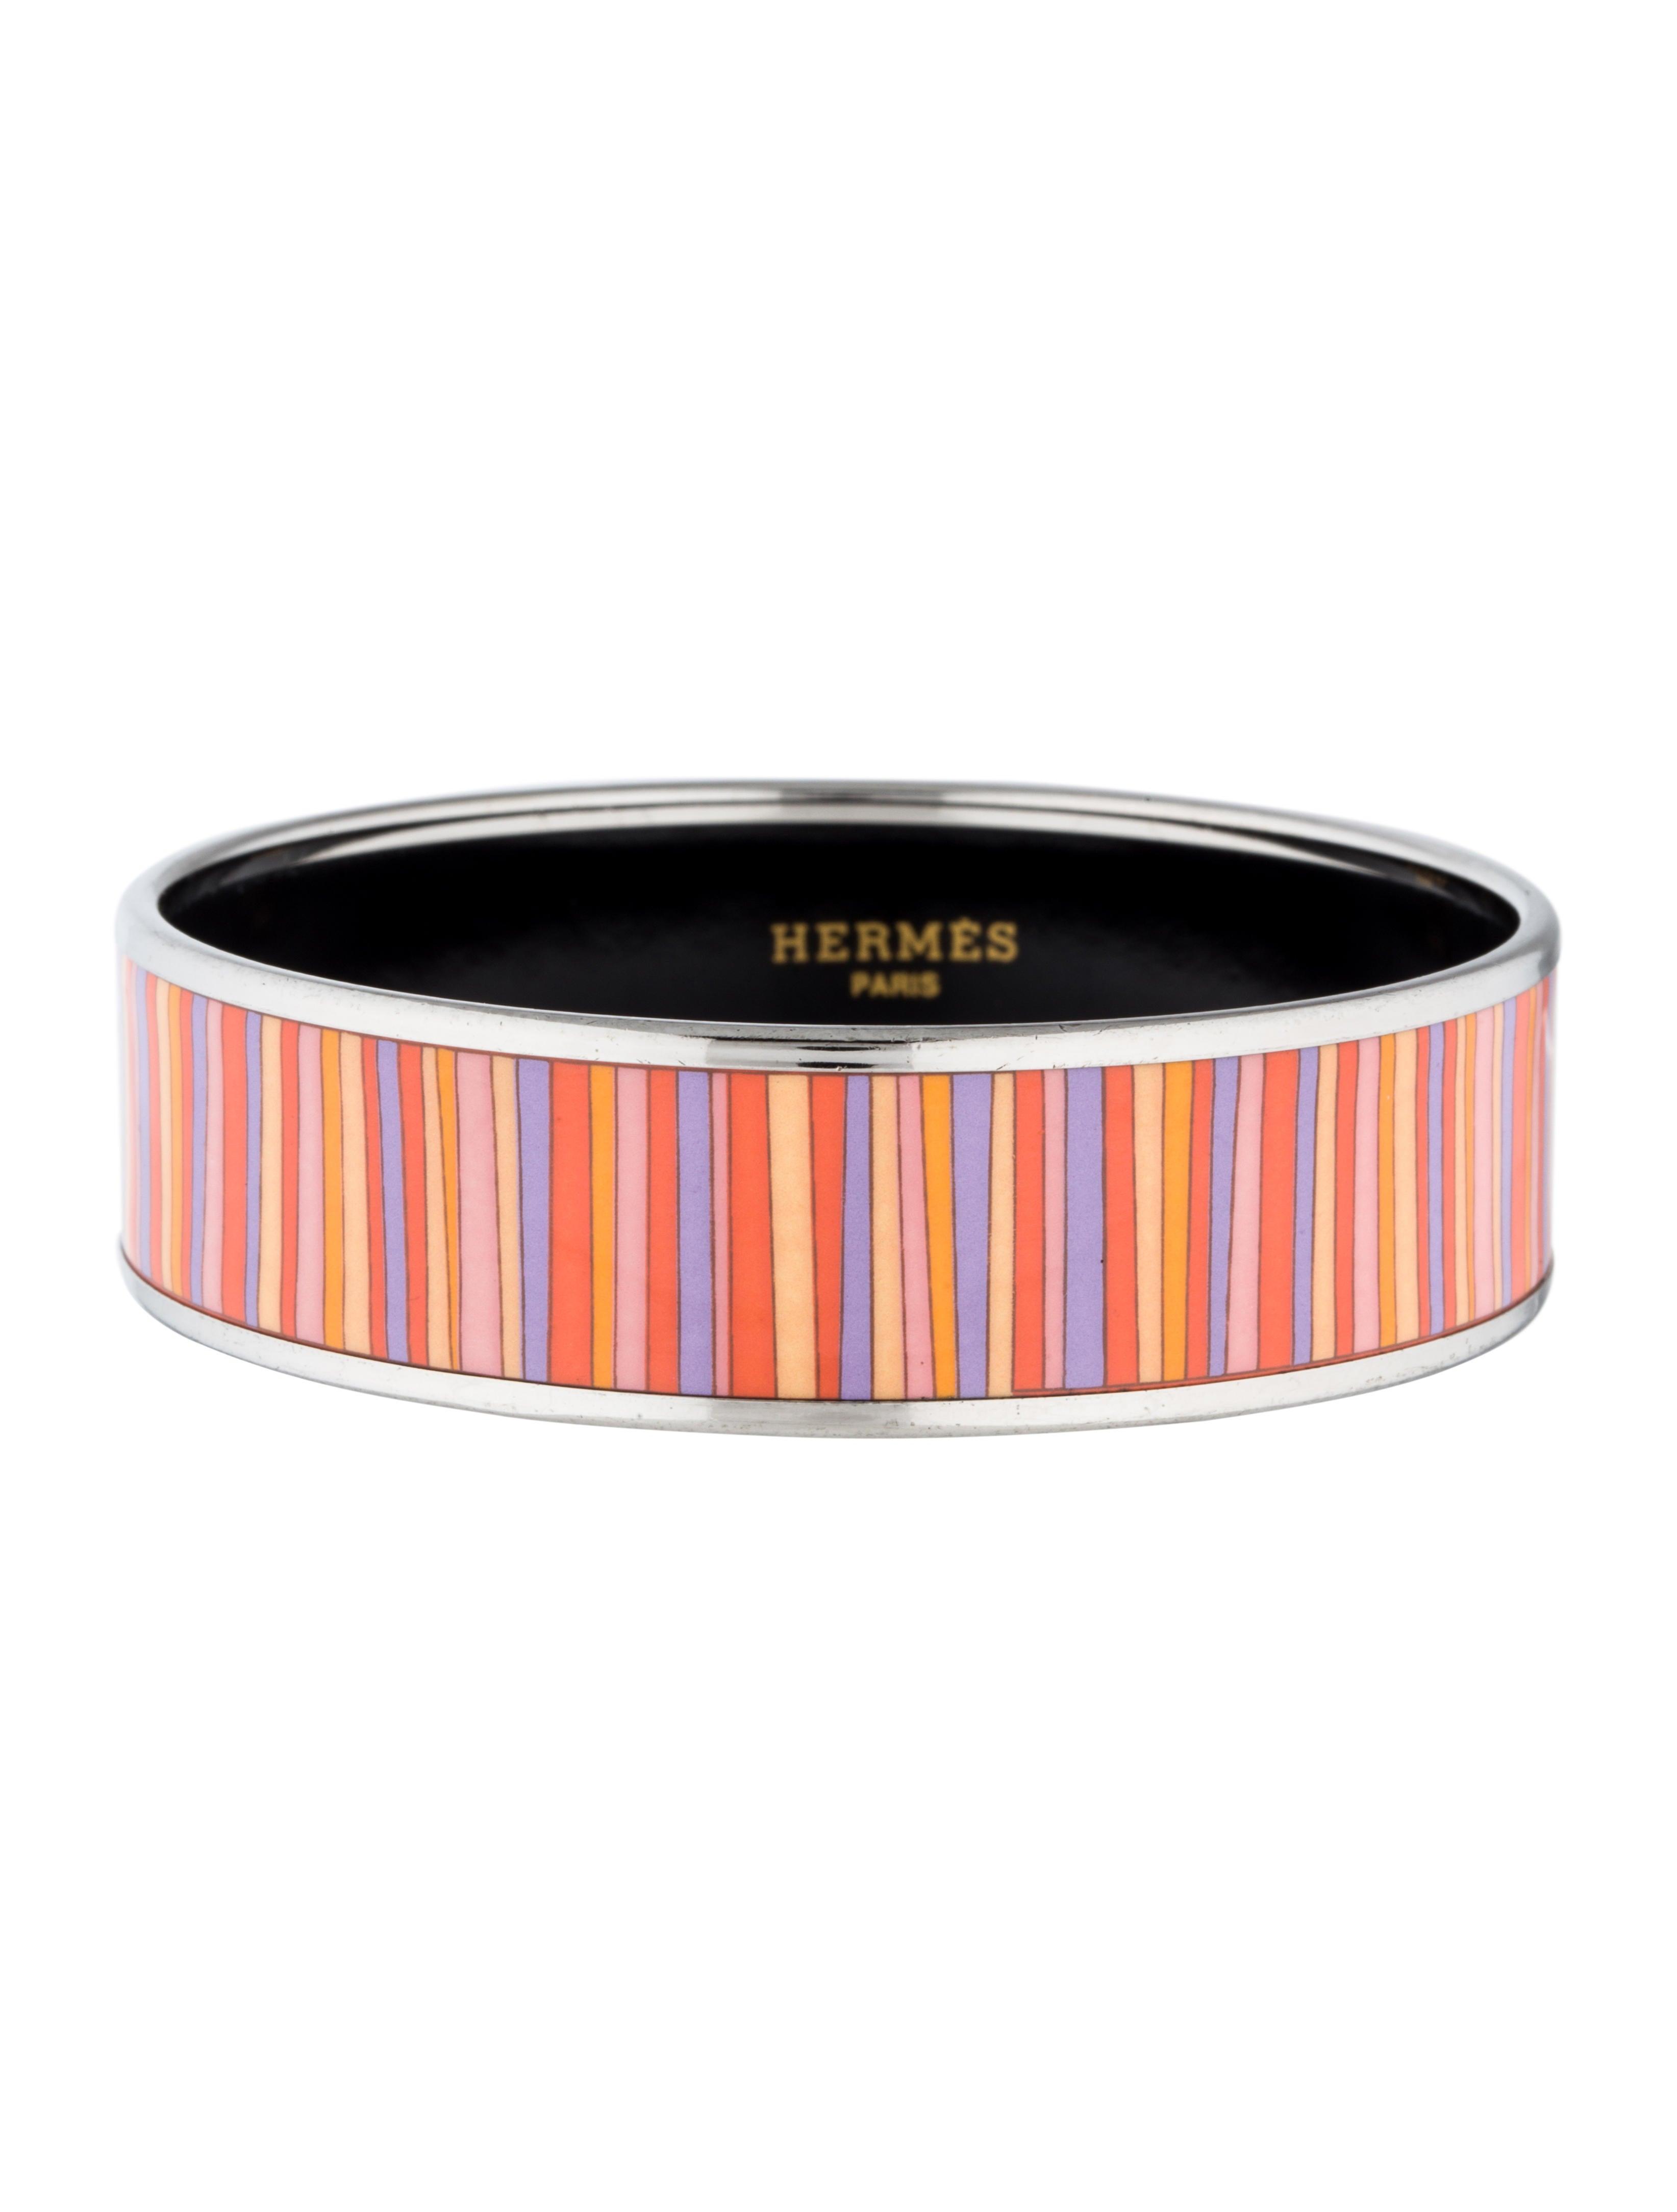 herm s wide enamel bangle bracelets her70958 the realreal. Black Bedroom Furniture Sets. Home Design Ideas